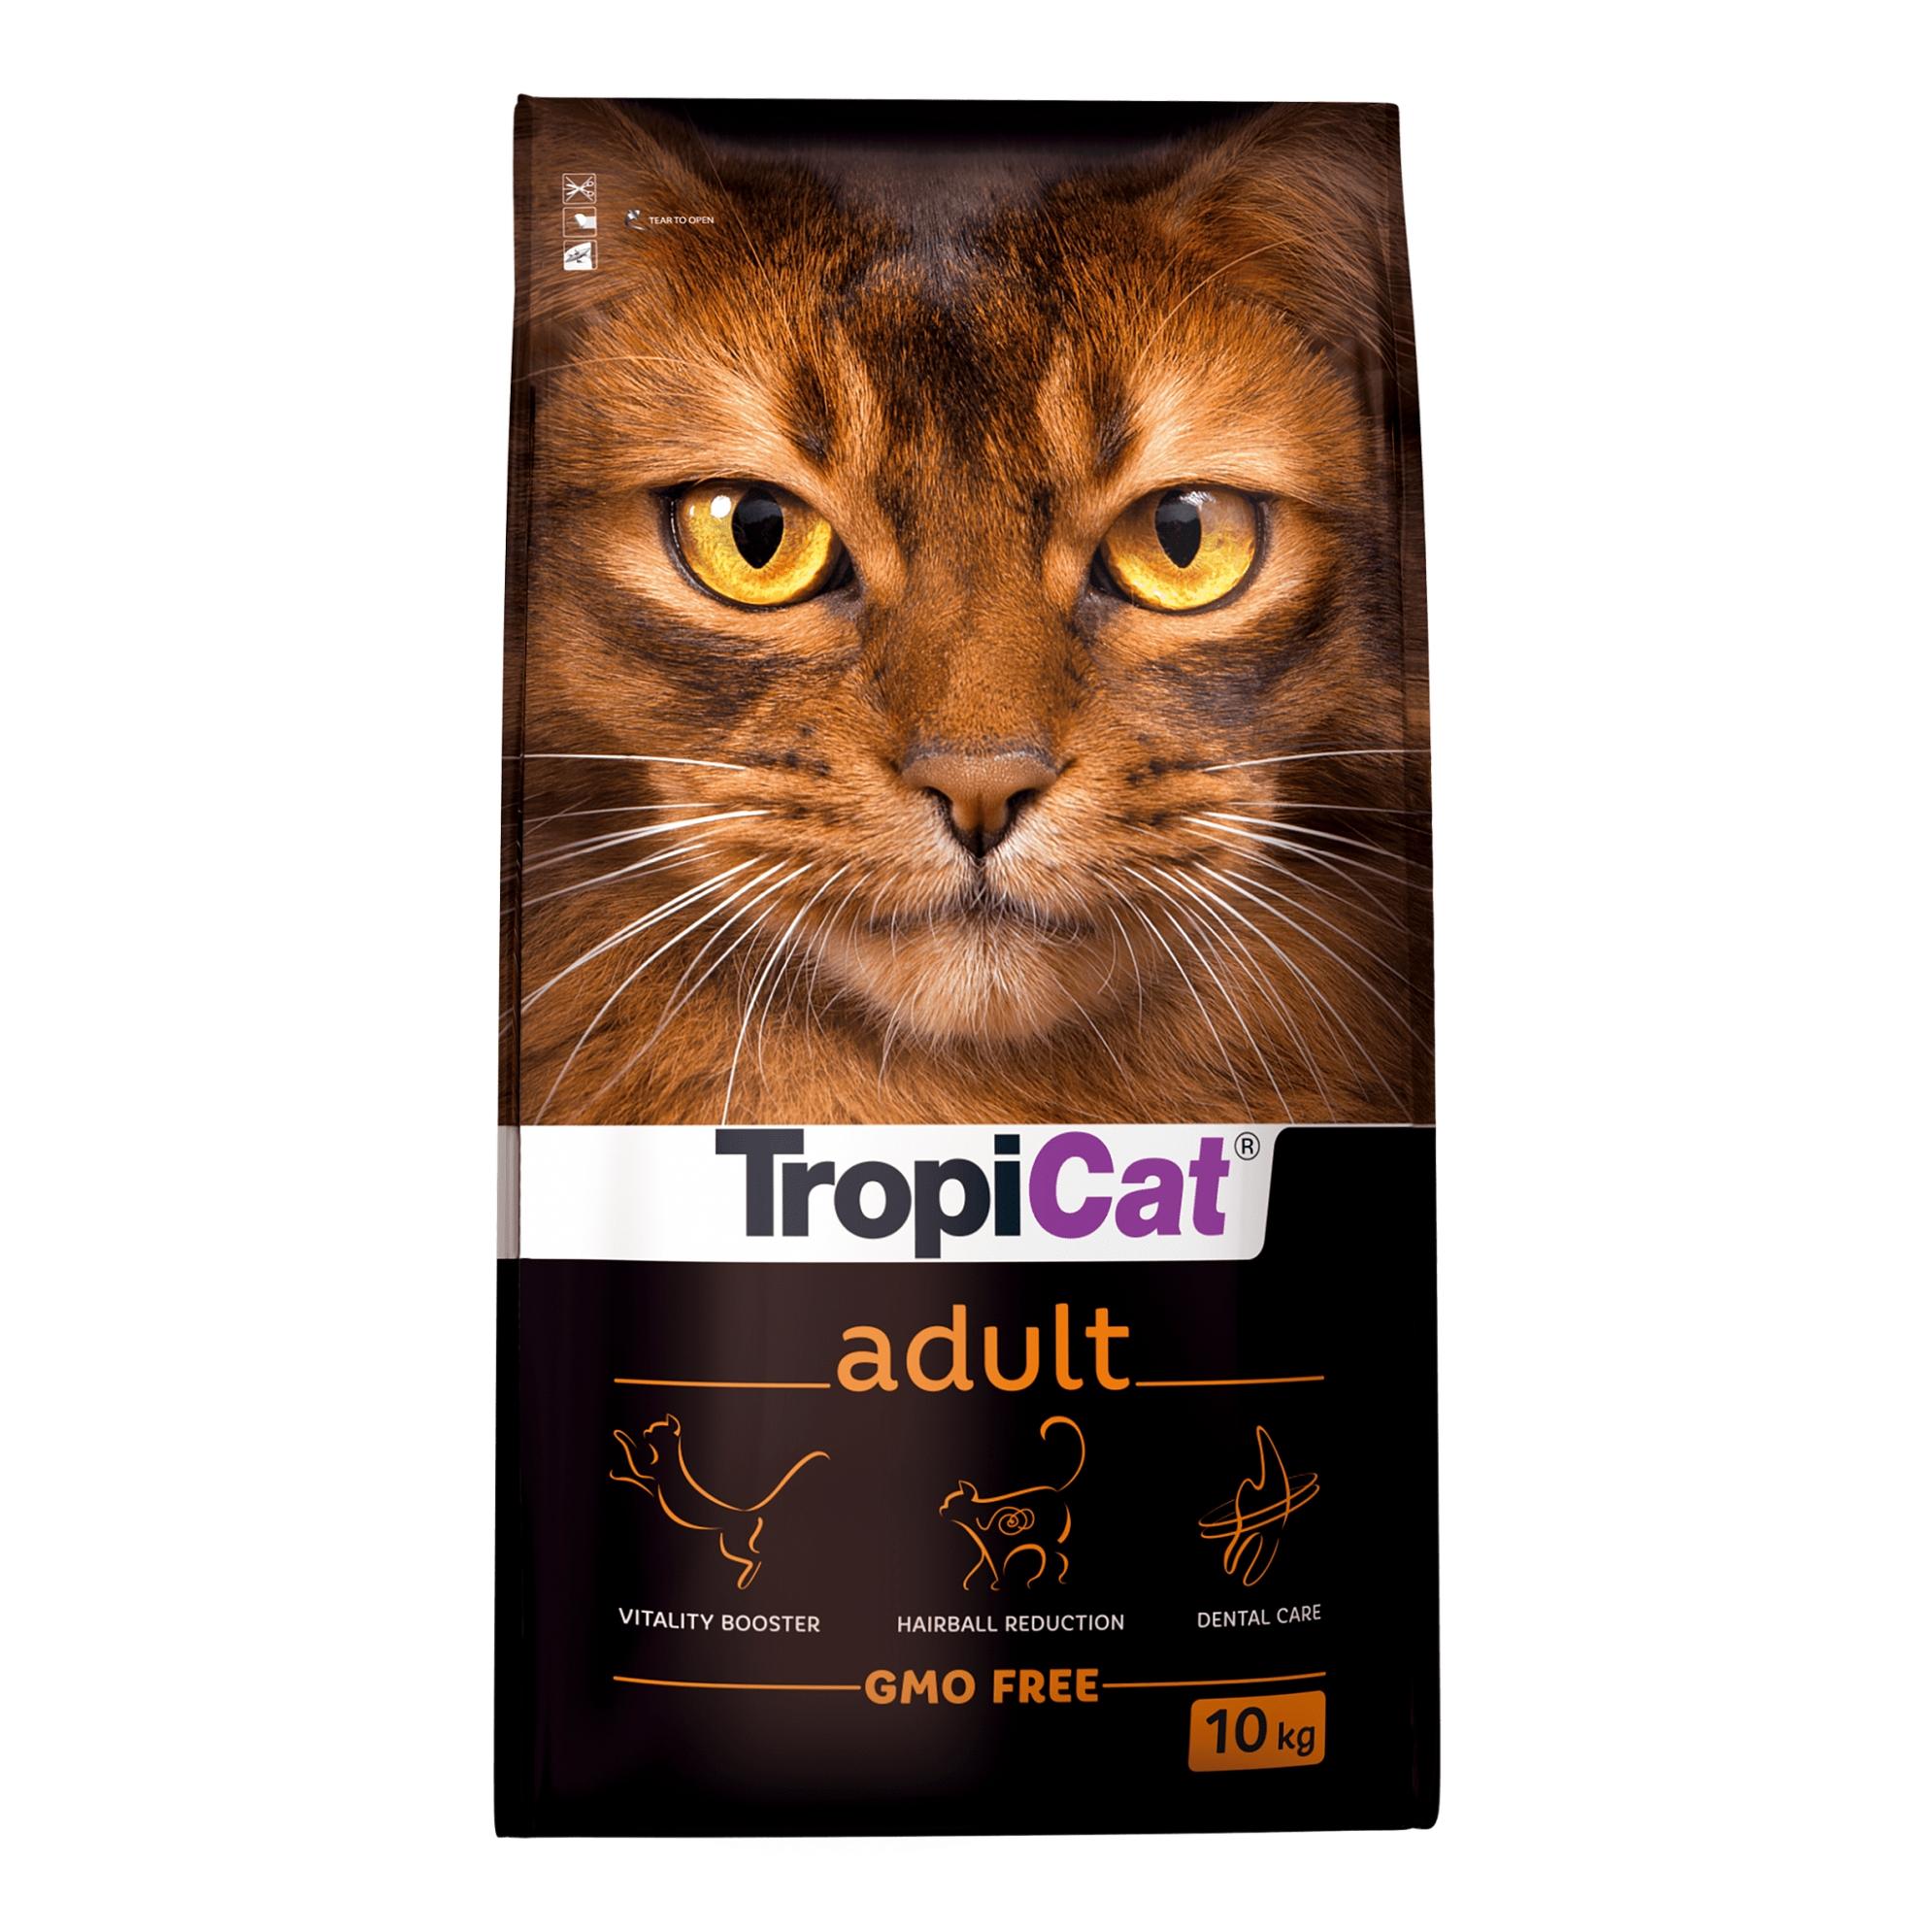 TropiCat Premium Adult - 10 Kg